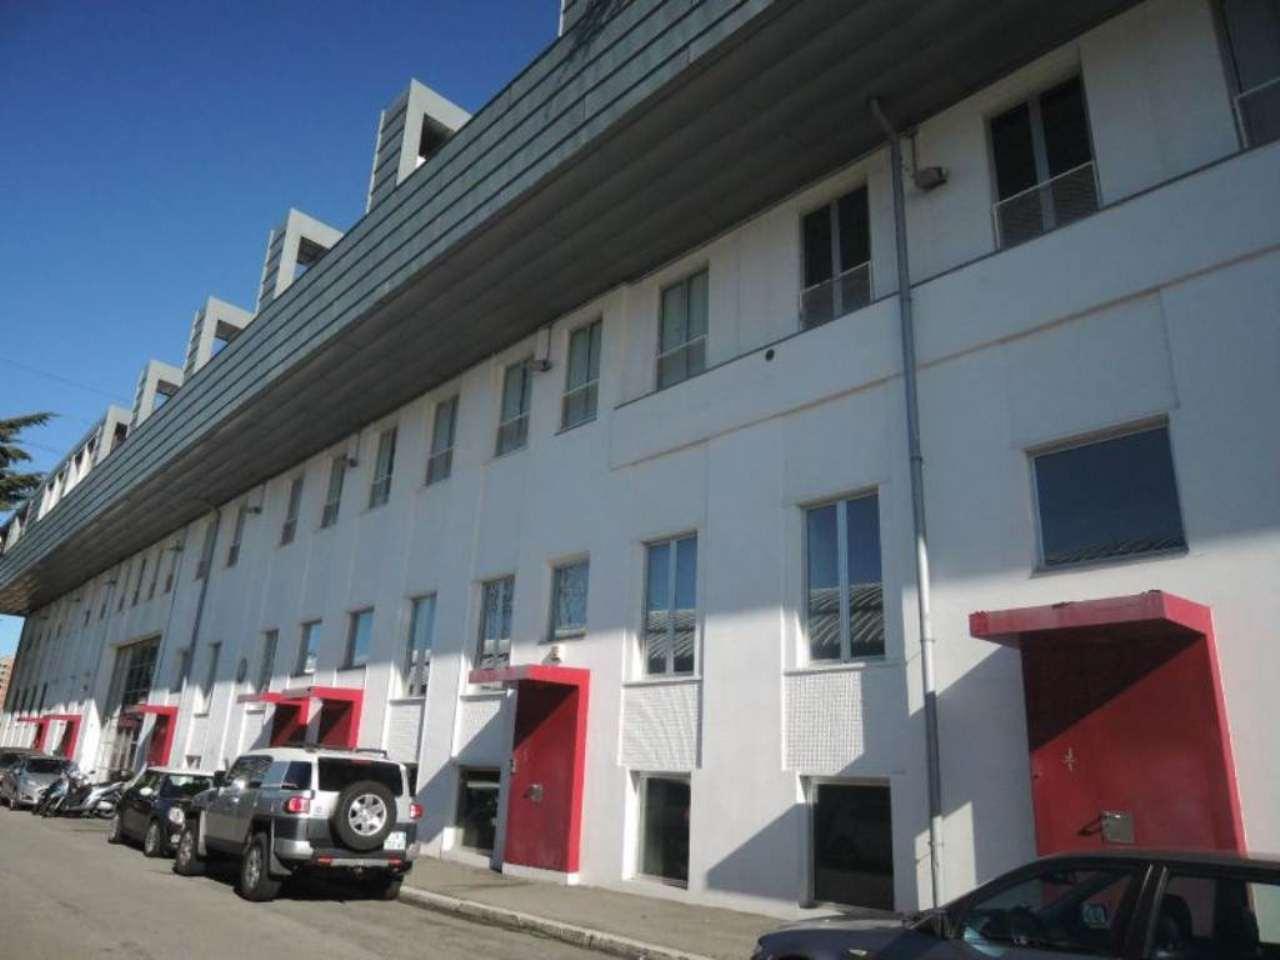 Loft / Openspace in vendita a Milano, 2 locali, zona Zona: 3 . Bicocca, Greco, Monza, Palmanova, Padova, prezzo € 150.000 | Cambio Casa.it